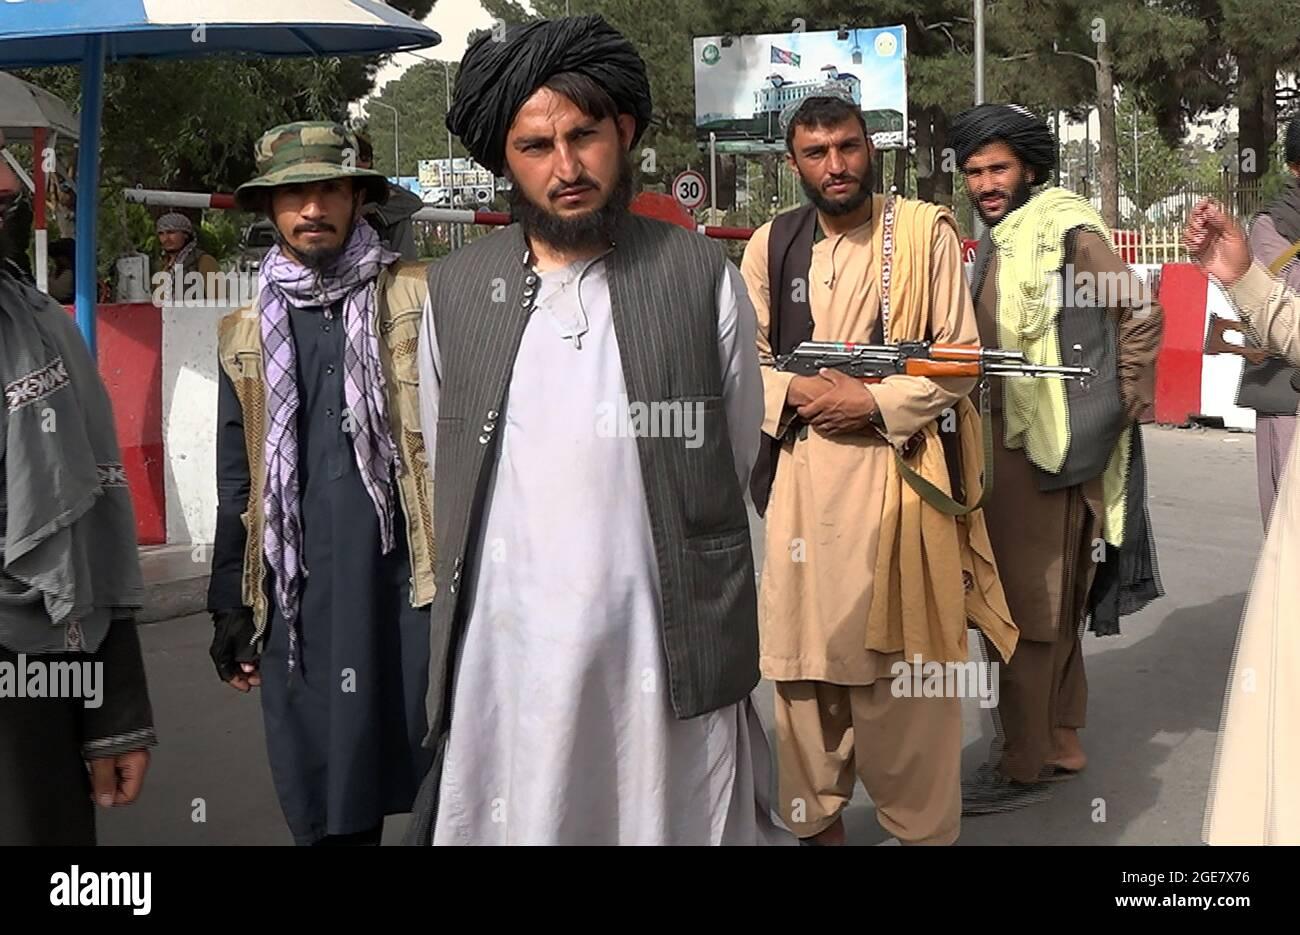 Kabul, Afghanistan. 17 agosto 2021. I combattenti talebani si levano in guardia davanti al portavoce talebano Zabihullah Mujahid mentre arriva per la sua prima conferenza stampa a Kabul, Afghanistan, martedì 17 agosto 2021. Il portavoce dei talebani Zabihullah Mujahid ha dichiarato che i talebani avrebbero rispettato i diritti delle donne, perdonare coloro che li hanno resistiti e garantire un Afghanistan sicuro. Foto di Bashir Darwish/ Credit: UPI/Alamy Live News Foto Stock